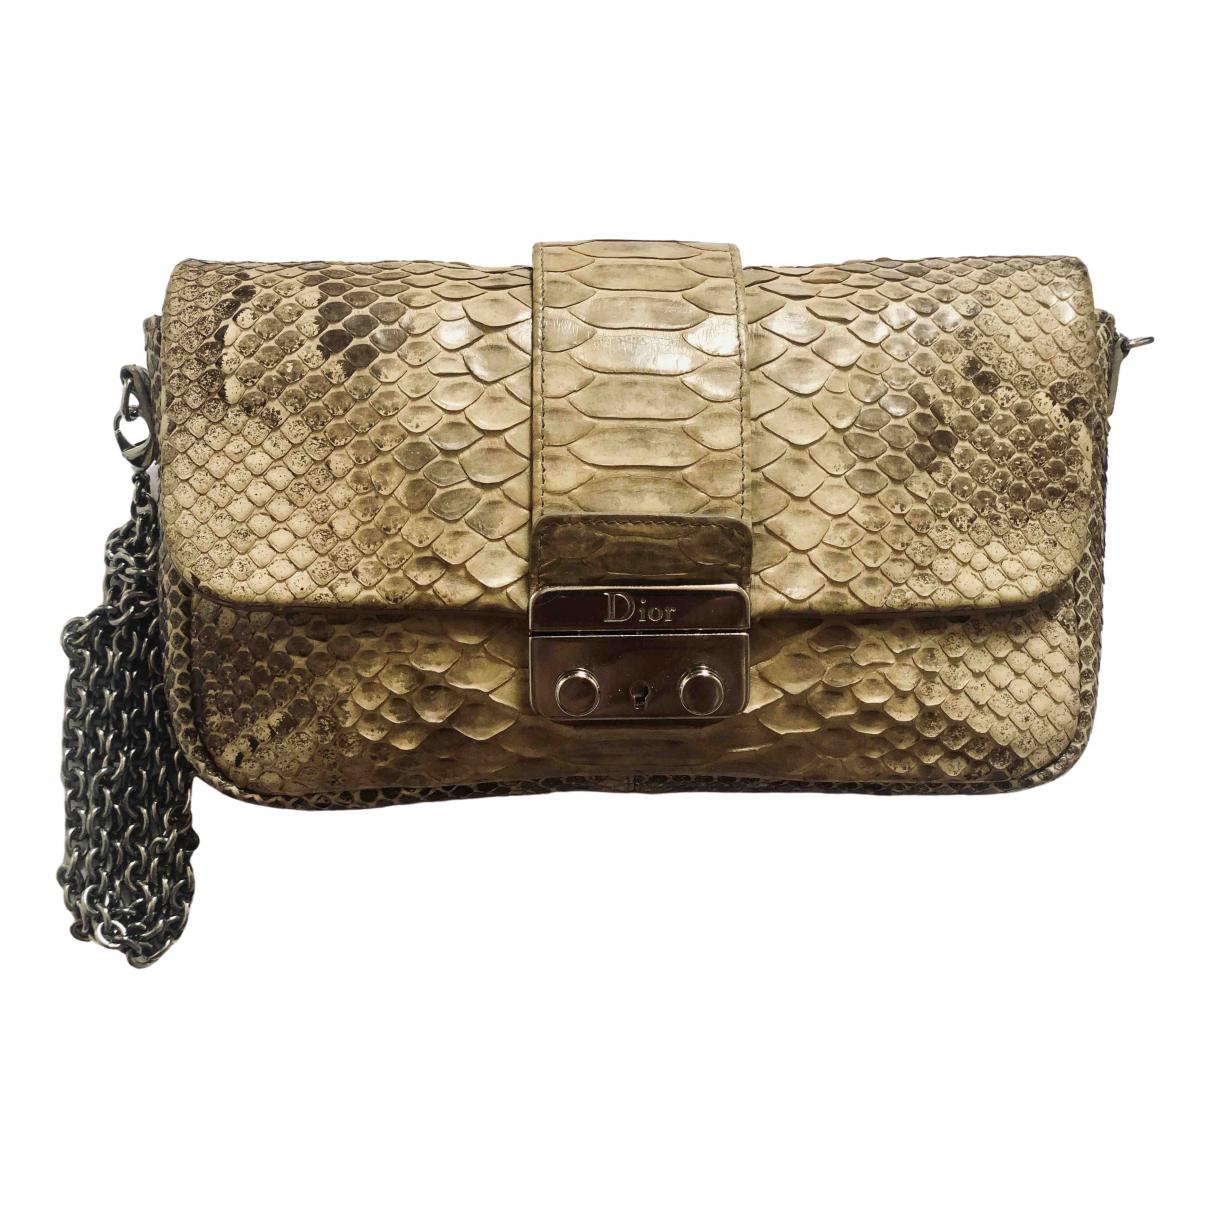 Dior Miss Dior Handtasche in  Beige Python